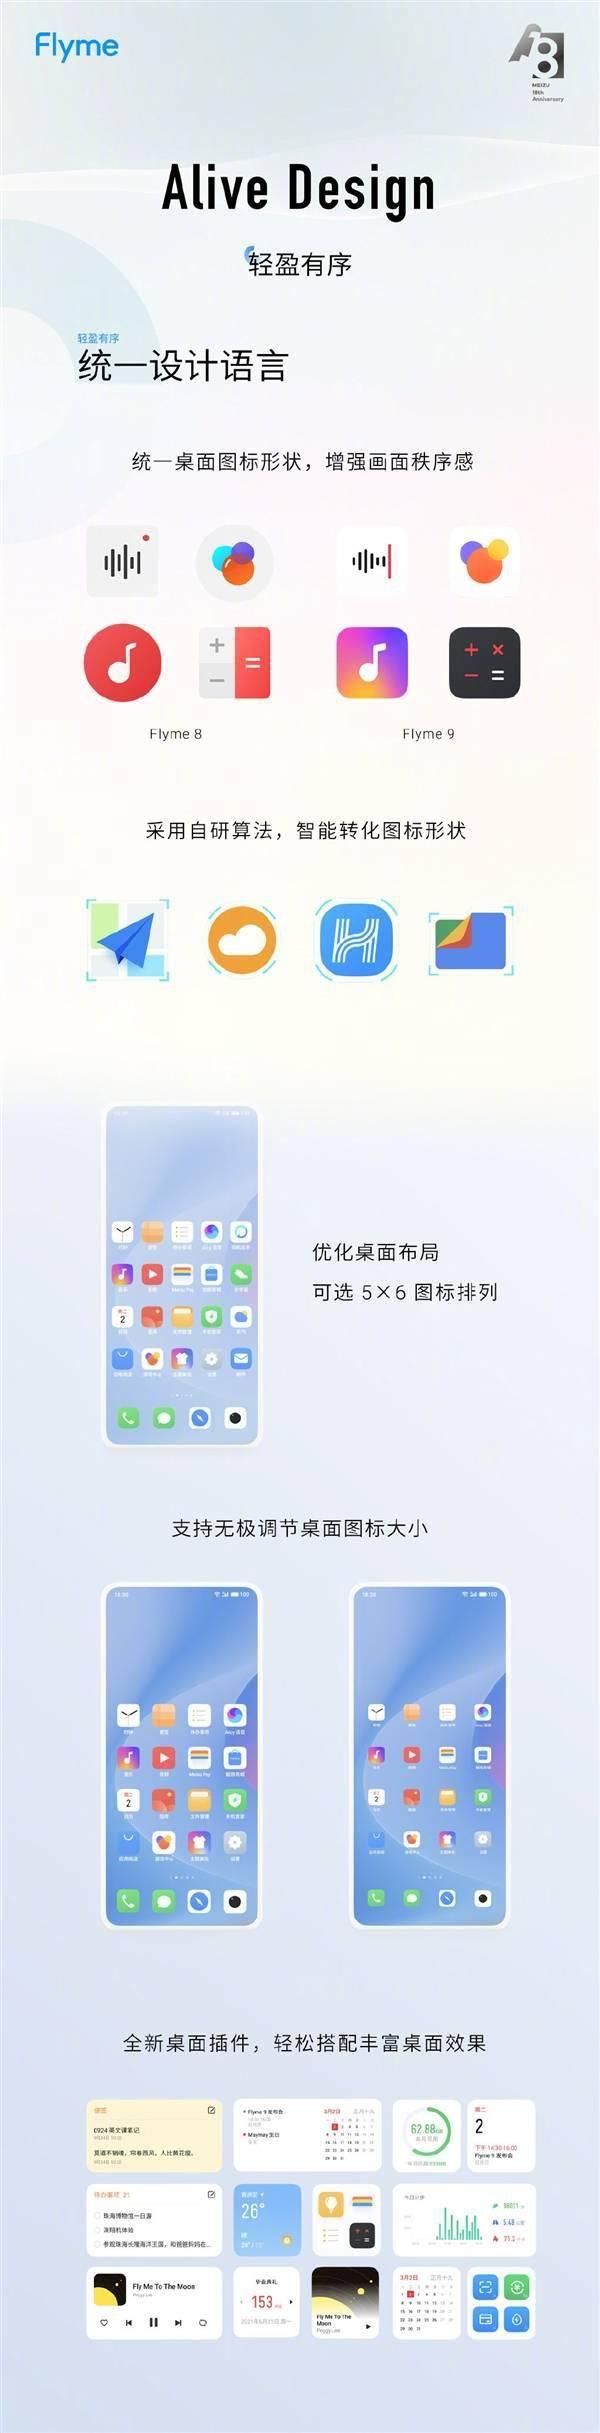 魅族Flyme 9发布:界面/动画/隐私大升级、首发小窗模式3.0的照片 - 7